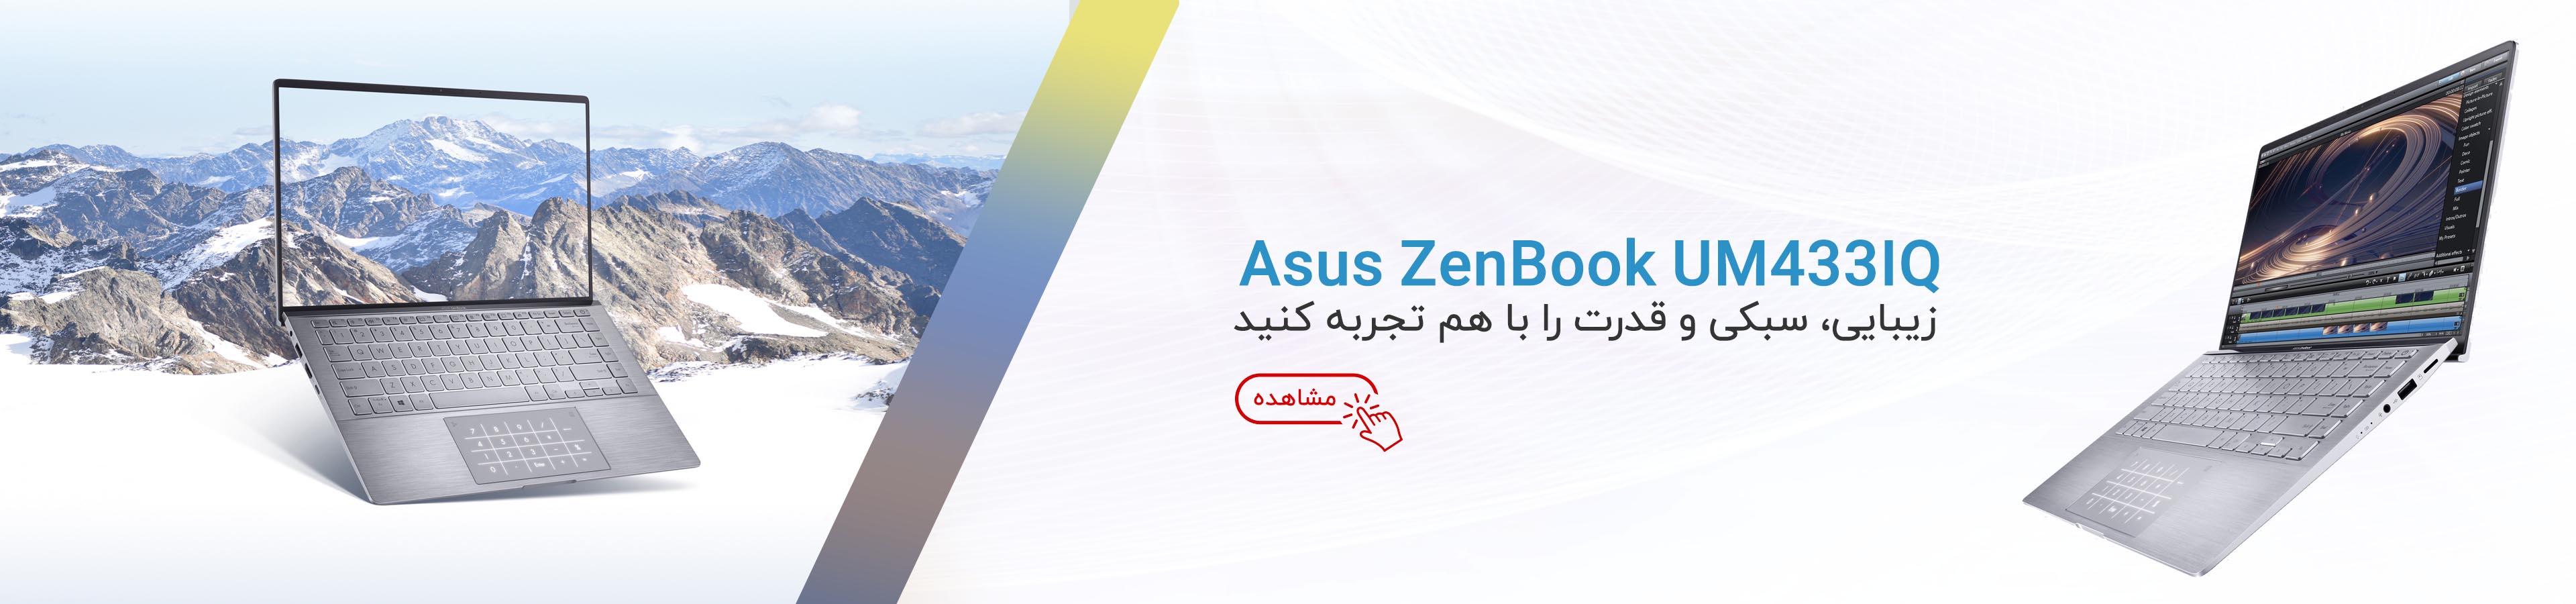 ASUS ZenBook UM433IQ 2020